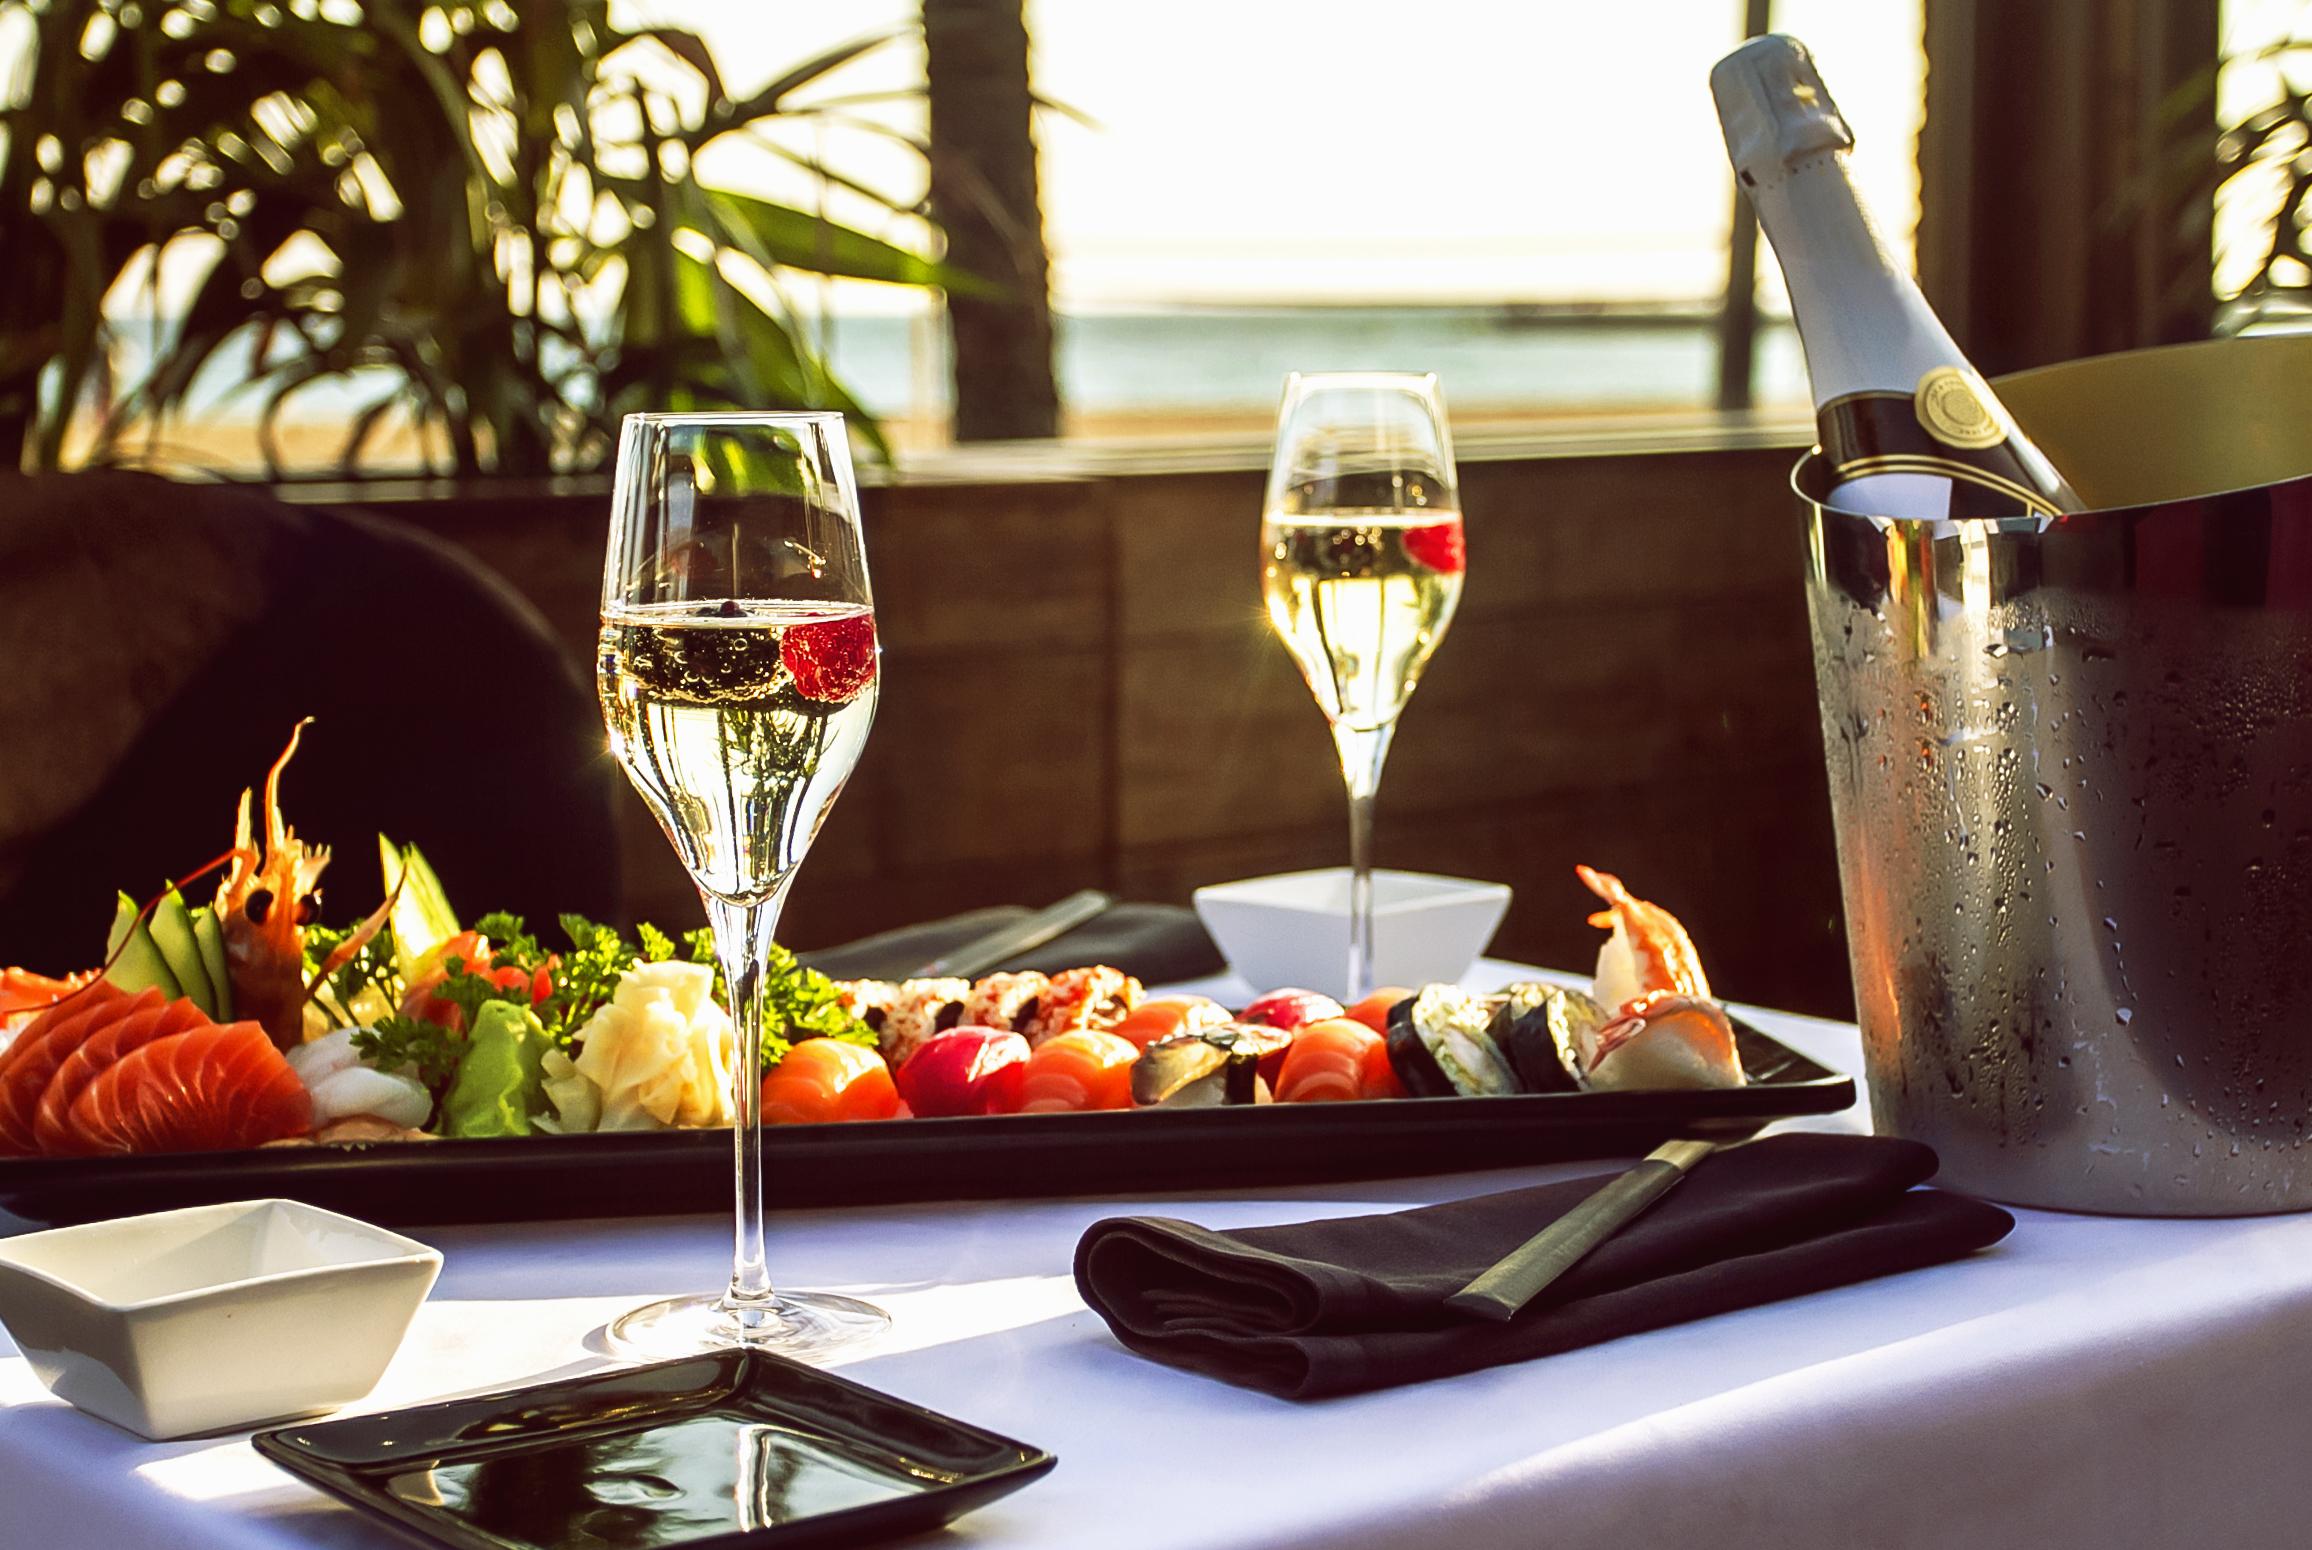 luxury restaurant table on the beach